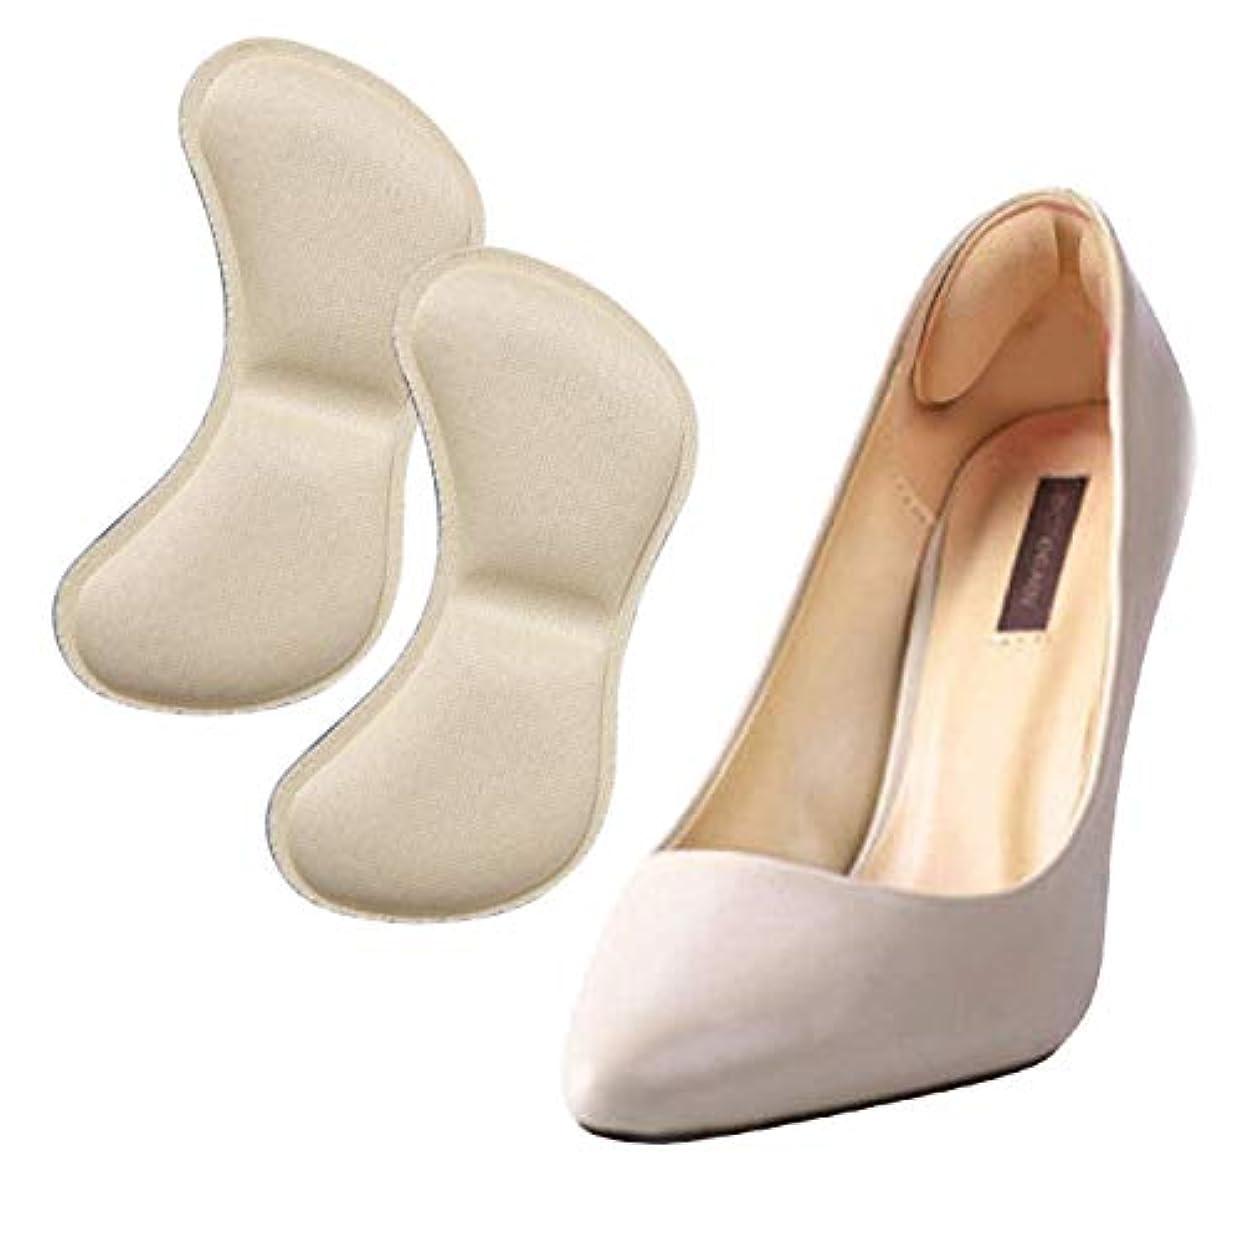 少年やむを得ないグローバルsac taske かかとパッド レディース 靴ずれ 防止 パッド かかと 足用 ヒール 保護 10足 (ベージュ 10足セット)